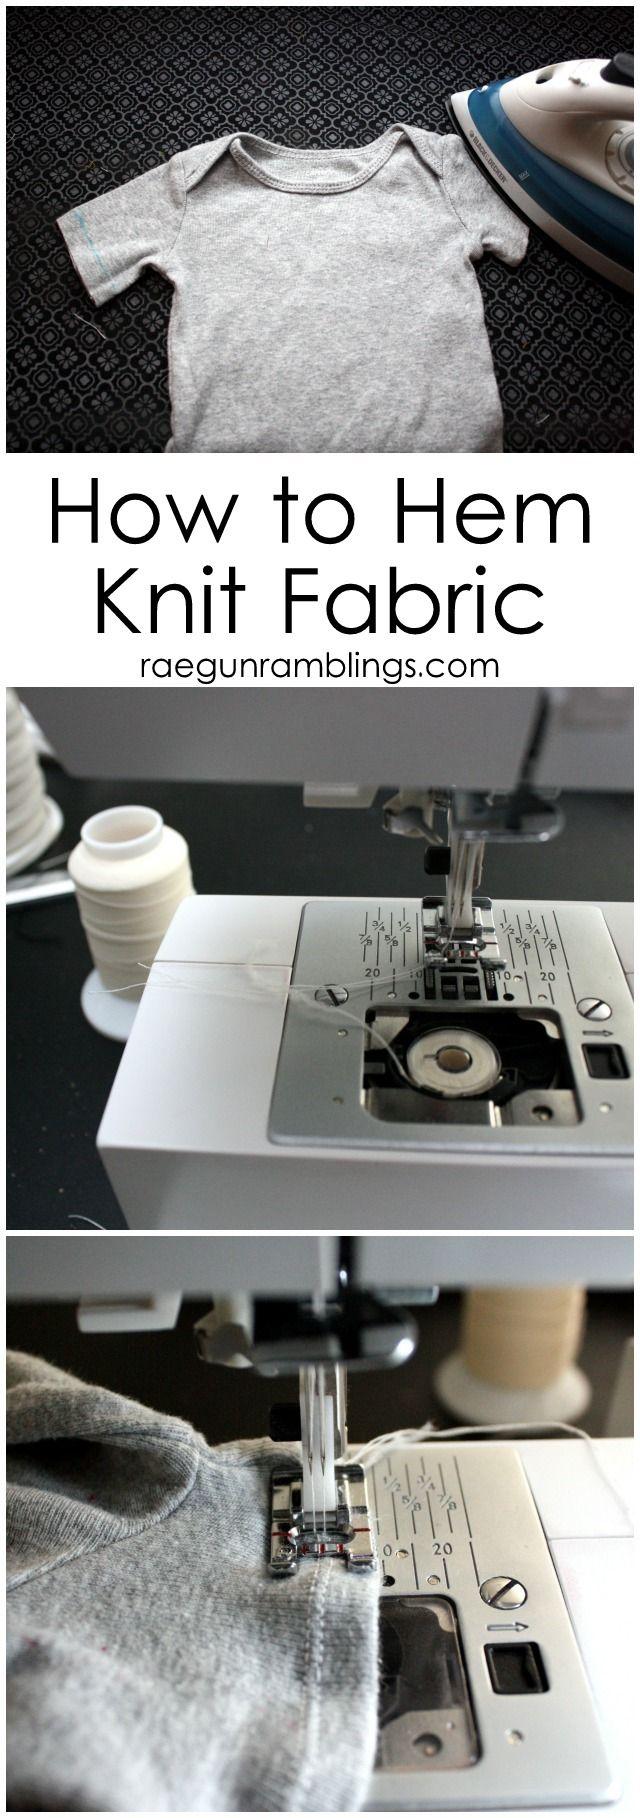 wollig nylon garen voor stretchstof te naaien